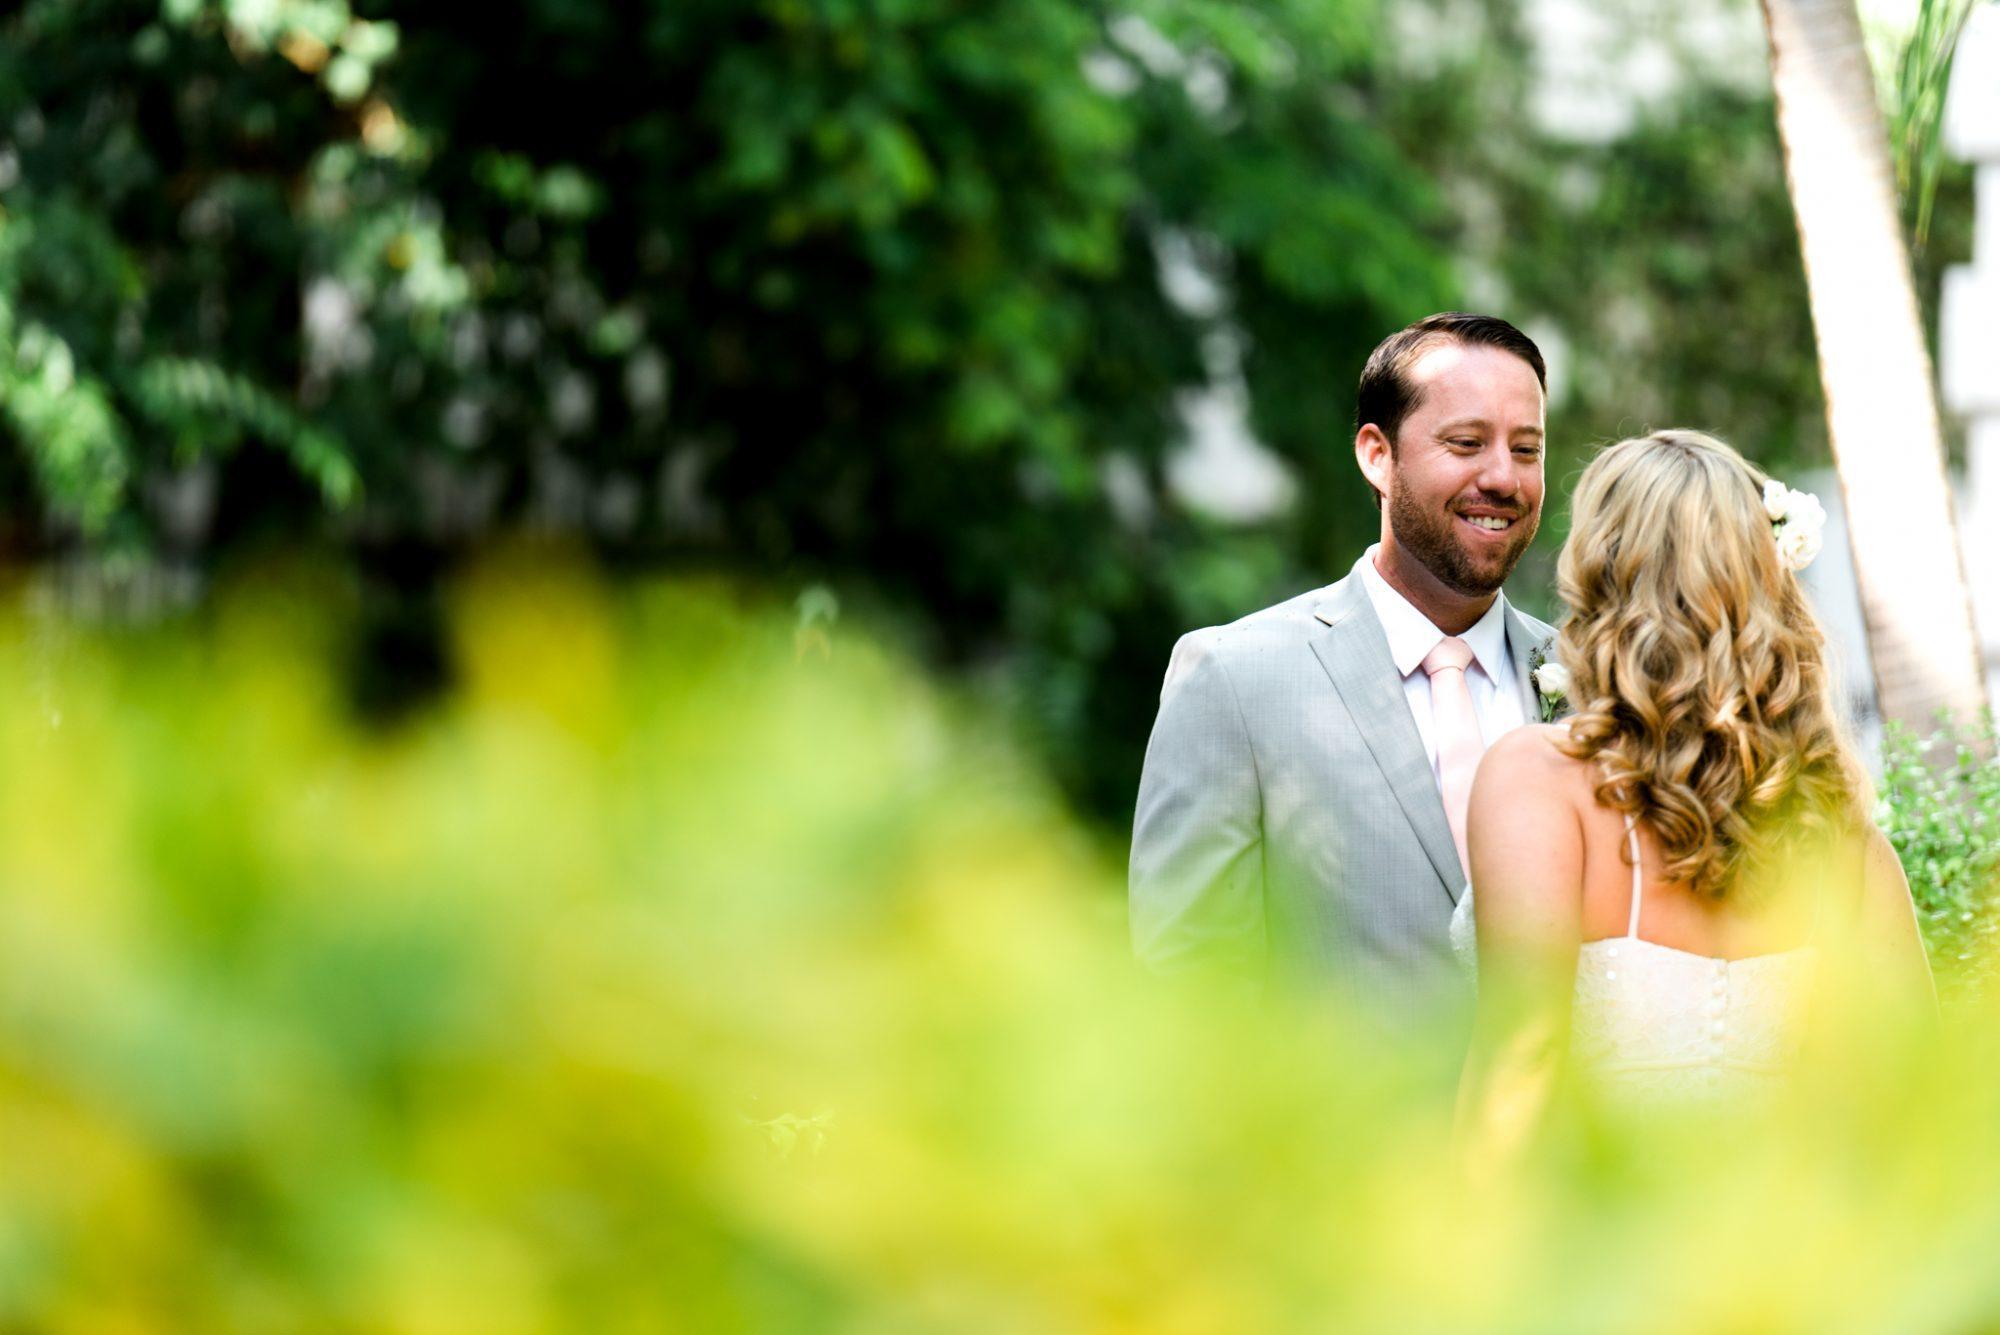 Colleen Jonathan Audubon House Wedding Key West 21 - Colleen & Jonathon | Audubon House and Gardens | Key West Wedding